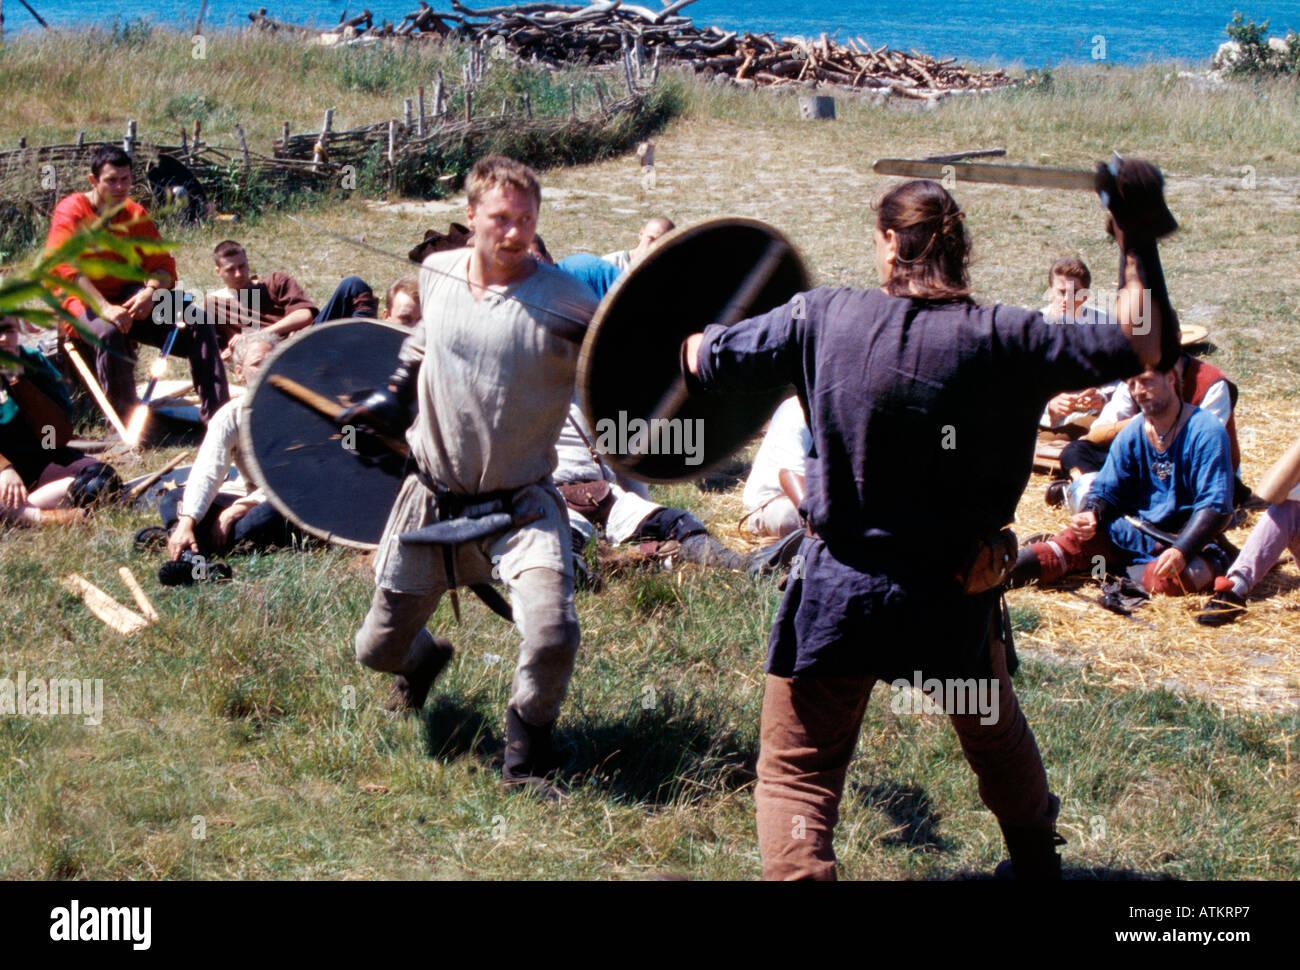 Vikings in a fierce duel - Stock Image